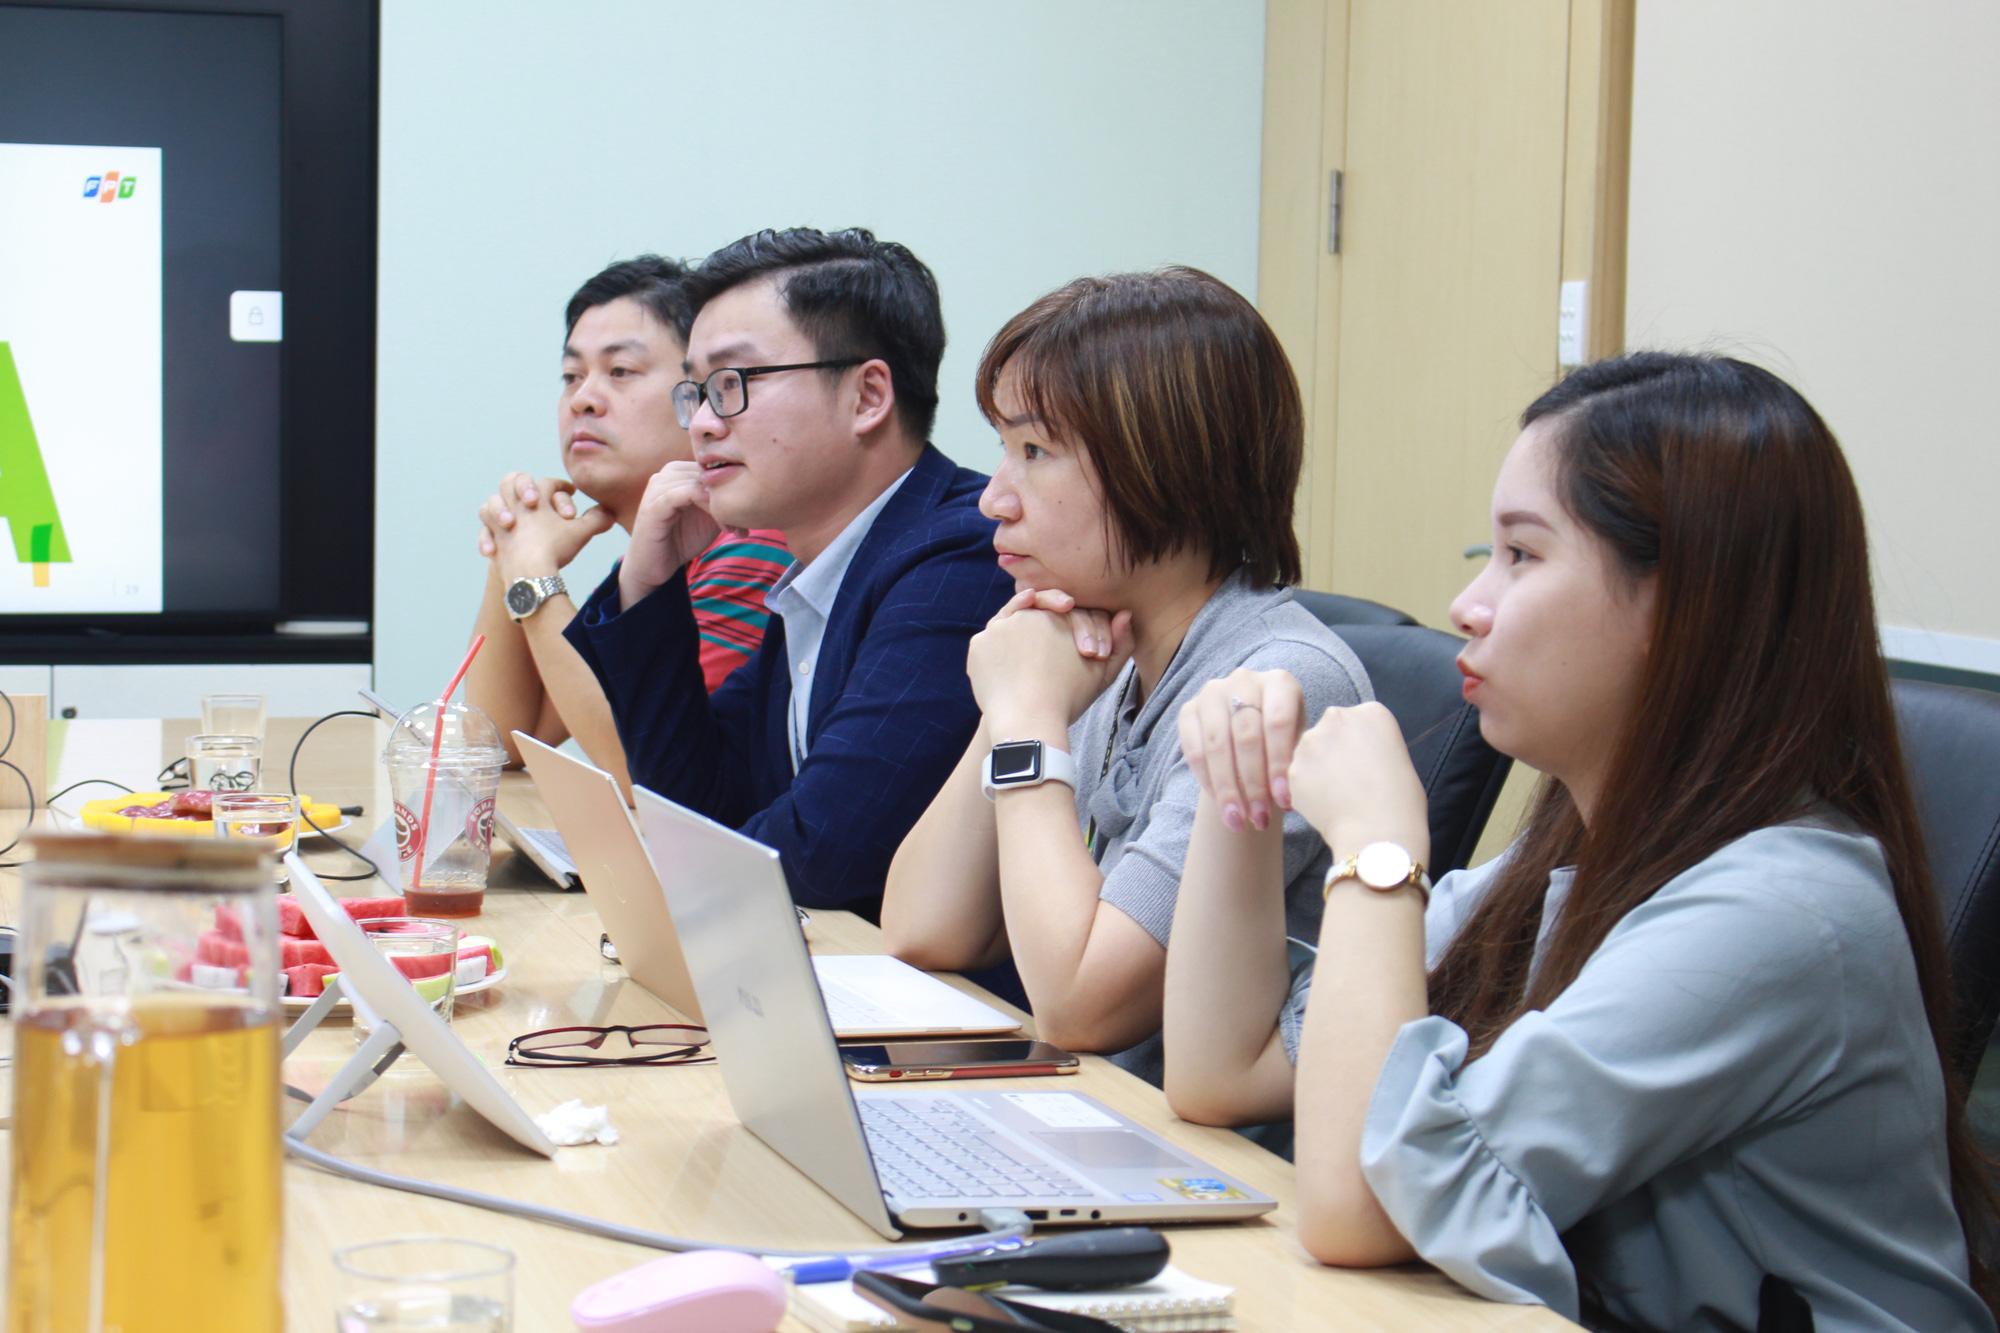 FSOFT hợp tác với iSMART Edtech đào tạo tiếng Anh cho nhân viên theo chuẩn TOEIC - Ảnh 2.